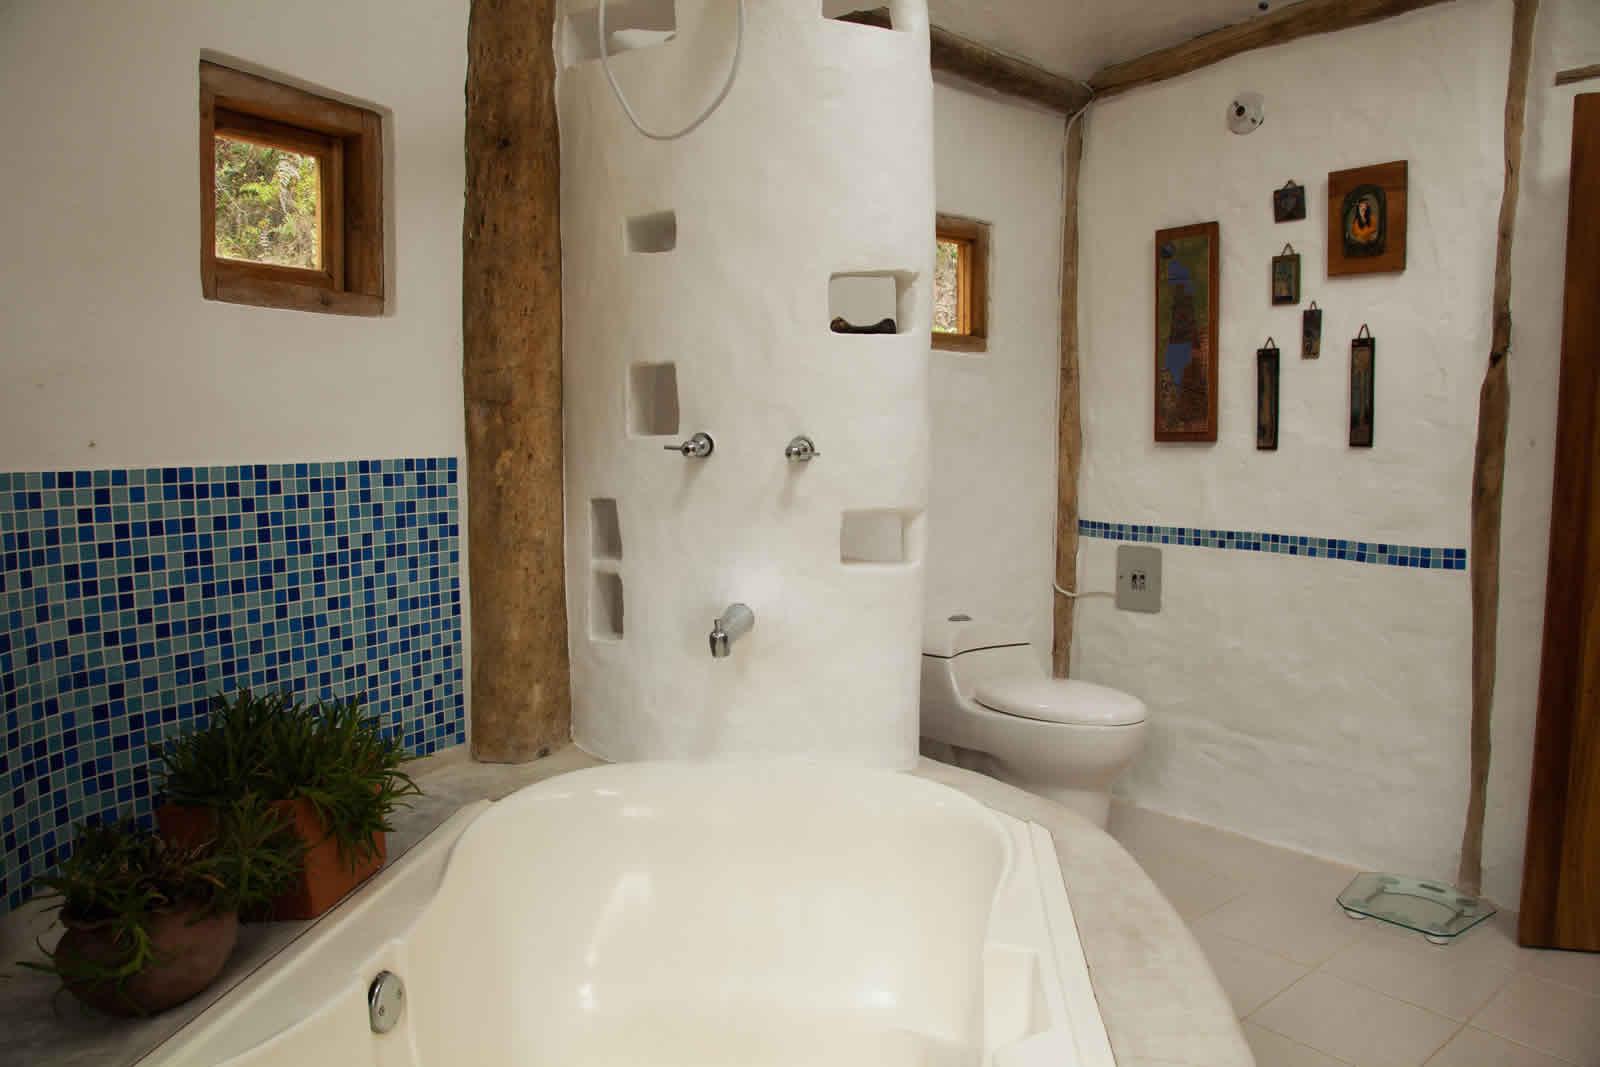 Alquiler cabaña La Colorada 2 en Villa de Leyva - Baño principal